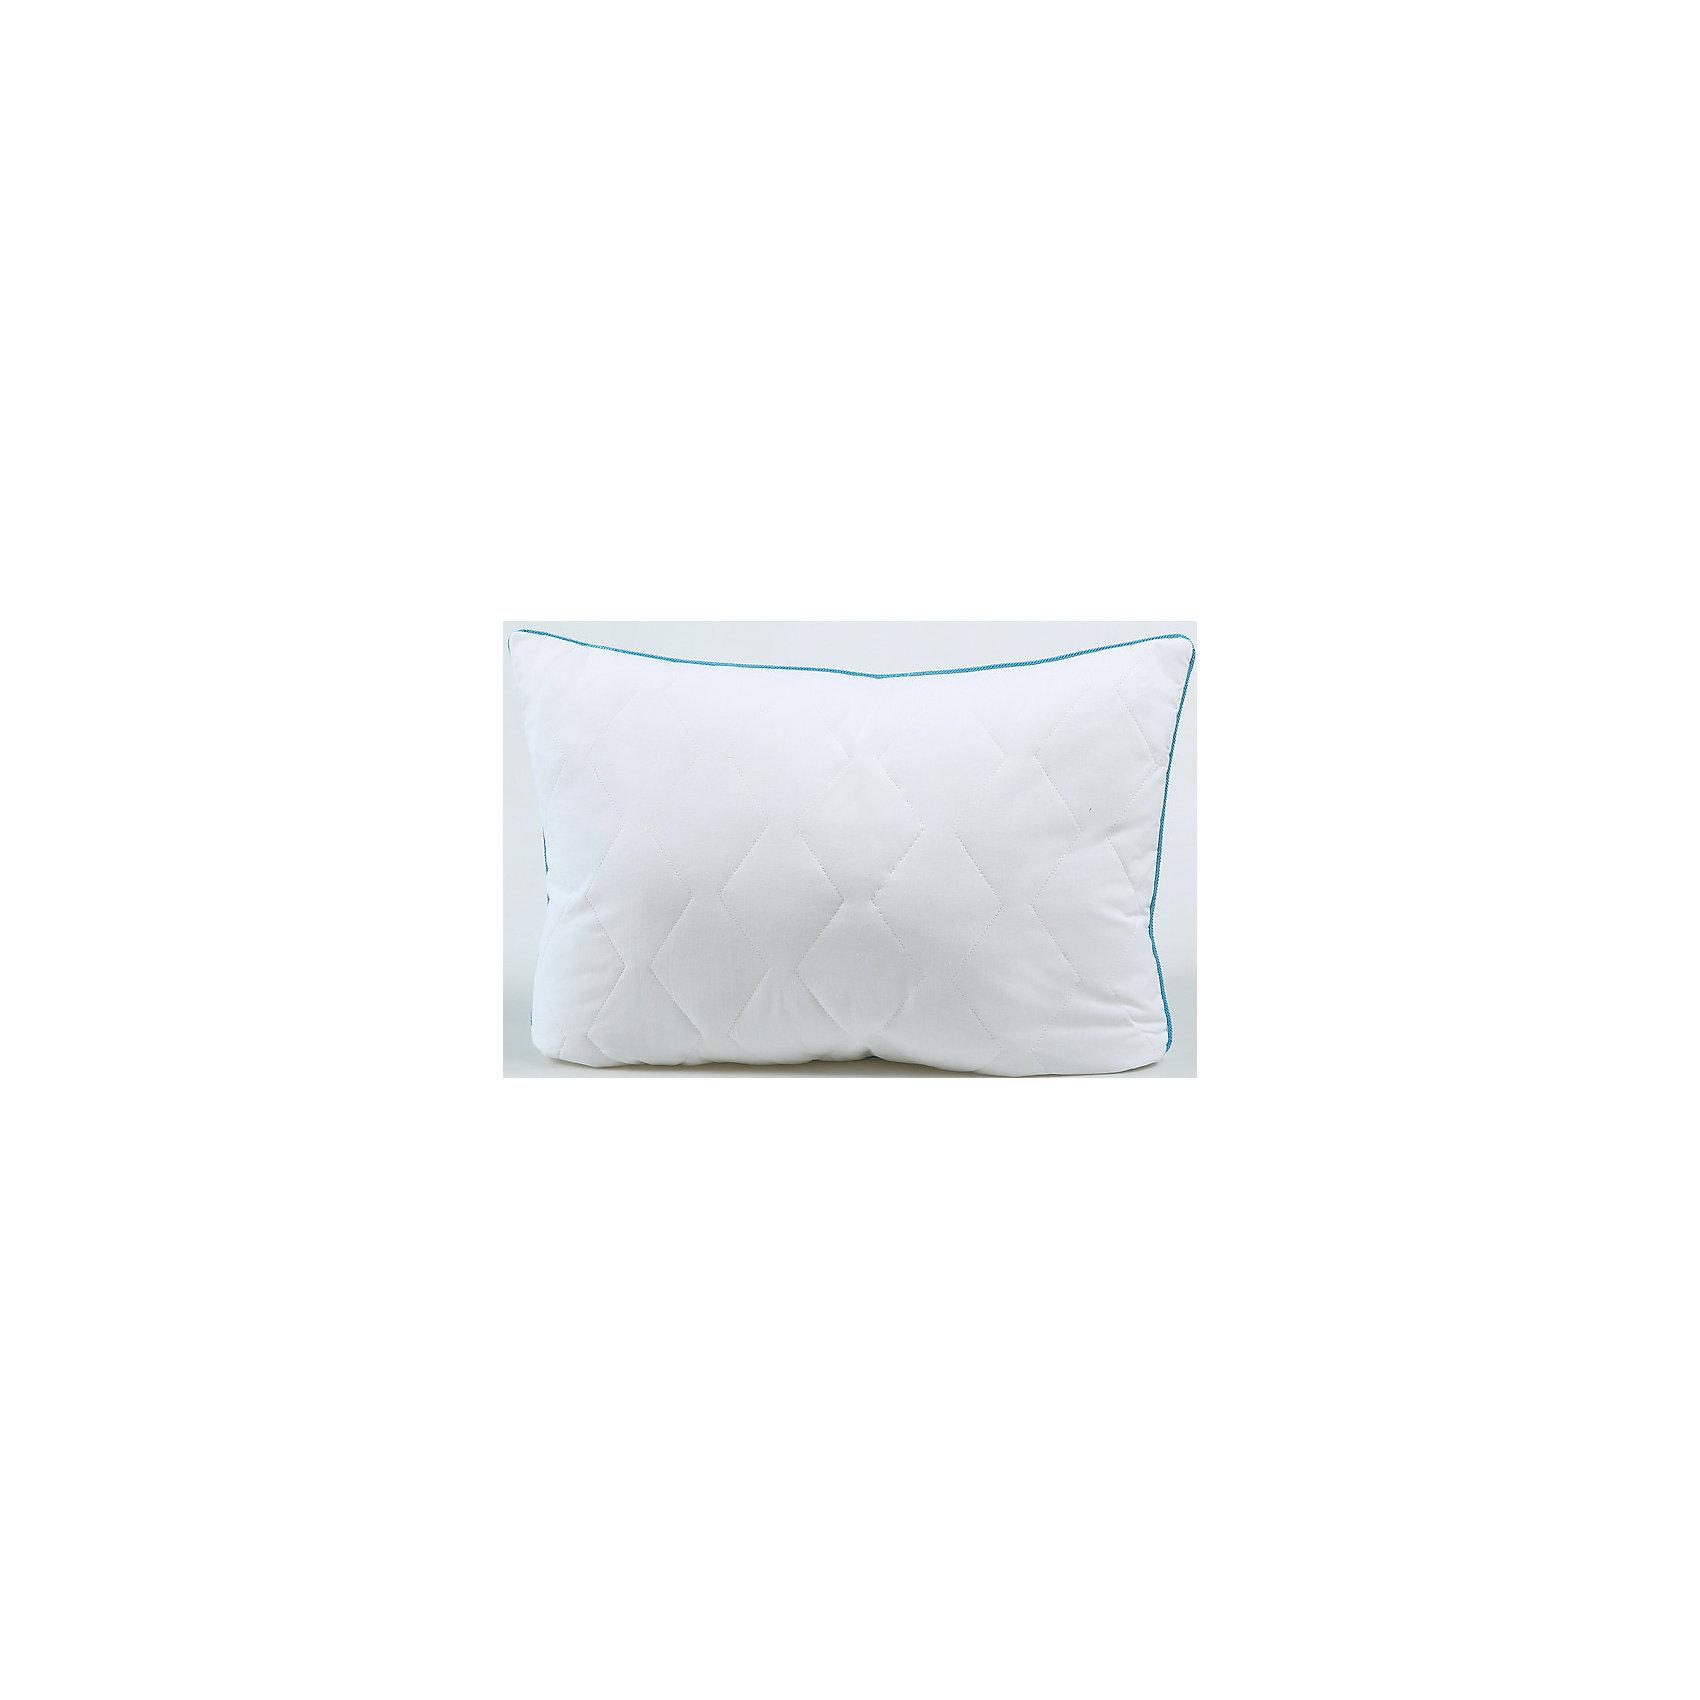 Подушка  Белый лебедь Classic, 50*70, Mona LizaДомашний текстиль<br>Характеристики:<br><br>• Вид домашнего текстиля: подушка<br>• Серия: Mona Liza Classic<br>• Сезон: круглый год<br>• Материал: бязь <br>• Наполнитель: синтепон, силиконизированное волокно<br>• Цвет: молочный<br>• Тип упаковки: полиэтиленовая сумка-чехол с ручками<br>• Вес в упаковке: 800 г<br>• Размеры (Д*Ш): 70*70 см<br>• Особенности ухода: сухая чистка<br><br>Подушка 70*70 Белый лебедь Classic, Mona Liza изготовлена под отечественным торговым брендом, выпускающим постельное белье и принадлежности из натуральных тканей и высококачественных наполнителей. Подушка из стеганого чехла наполнена лебяжьим пухом, который обладает высокими гипоаллергенными свойствами, долгое время сохраняет тепло, не впитывает запахи и не сбивается. Легкая по весу, при этом достаточно пышная подушка от Mona Liza подарит здоровый и комфортный сон.<br>Подушка 70*70 Белый лебедь Classic, Mona Liza – домашний текстиль и постельные принадлежности, отвечающие международным стандартам качества и безопасности!<br><br>Подушку 70*70 Белый лебедь Classic, Mona Liza можно купить в нашем интернет-магазине.<br><br>Ширина мм: 700<br>Глубина мм: 180<br>Высота мм: 700<br>Вес г: 1250<br>Возраст от месяцев: 84<br>Возраст до месяцев: 216<br>Пол: Унисекс<br>Возраст: Детский<br>SKU: 5165691